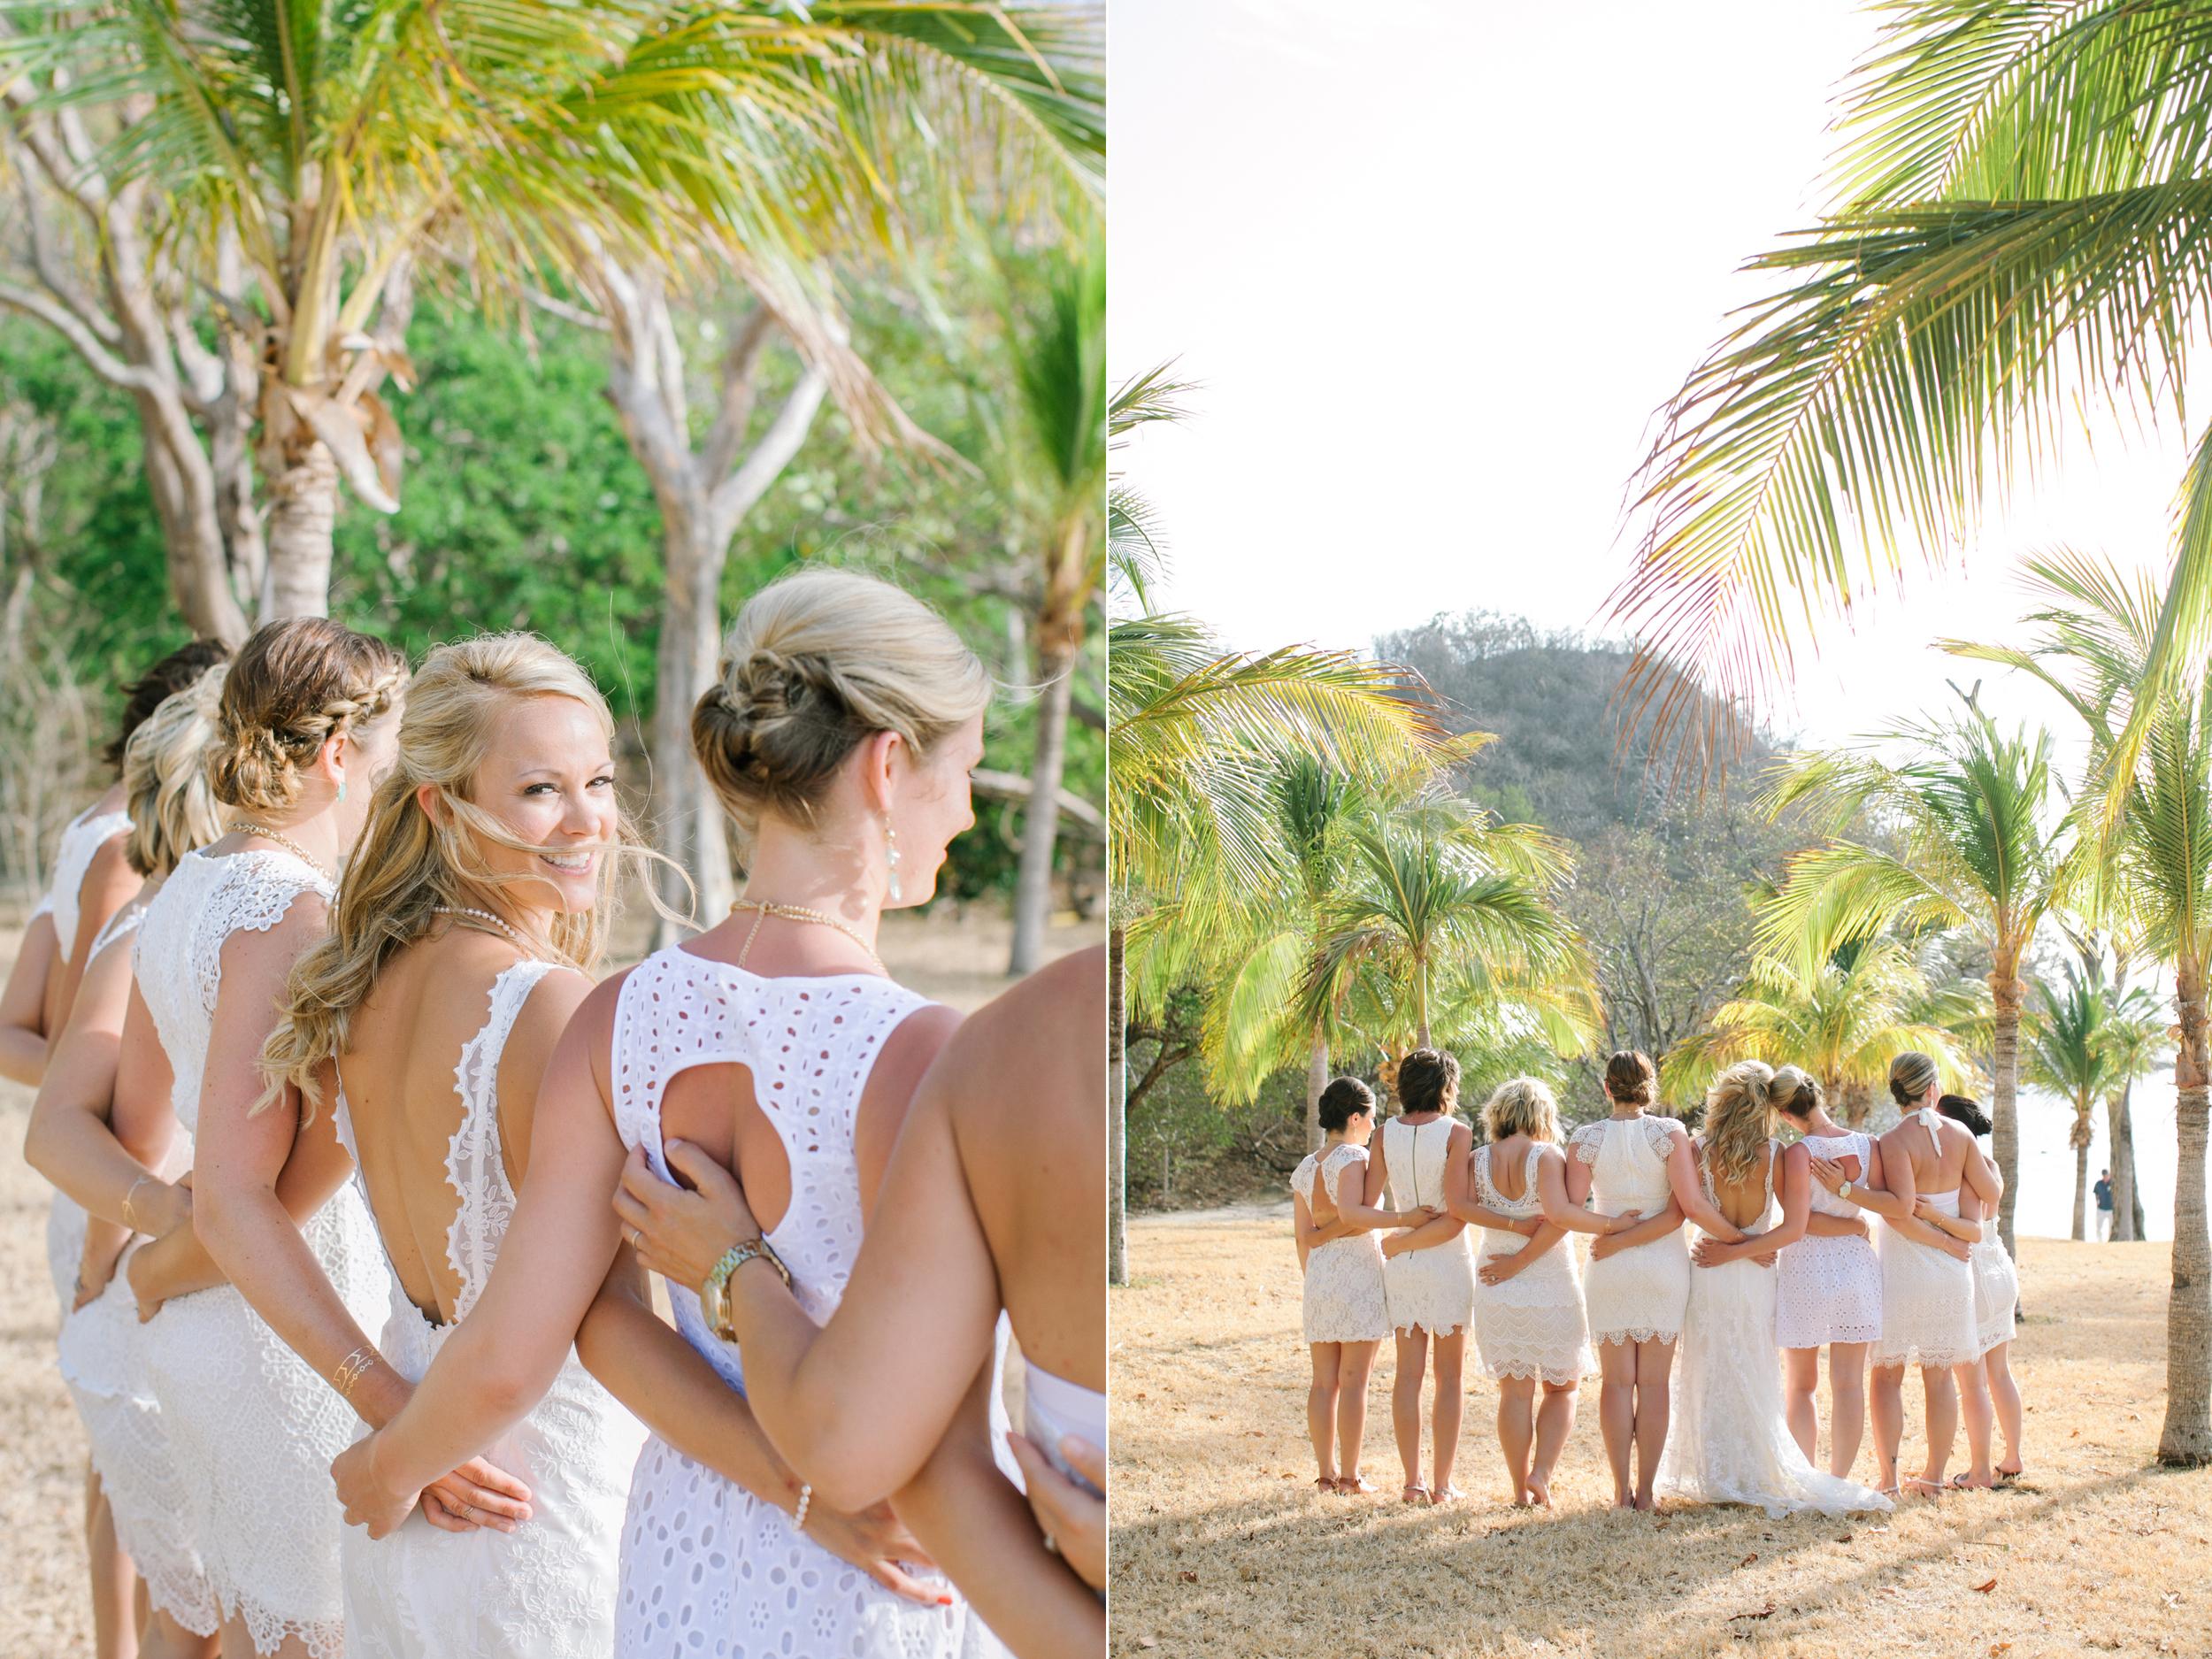 Dreams Las Mareas Costa Rica by Michelle Cross - 2.jpg